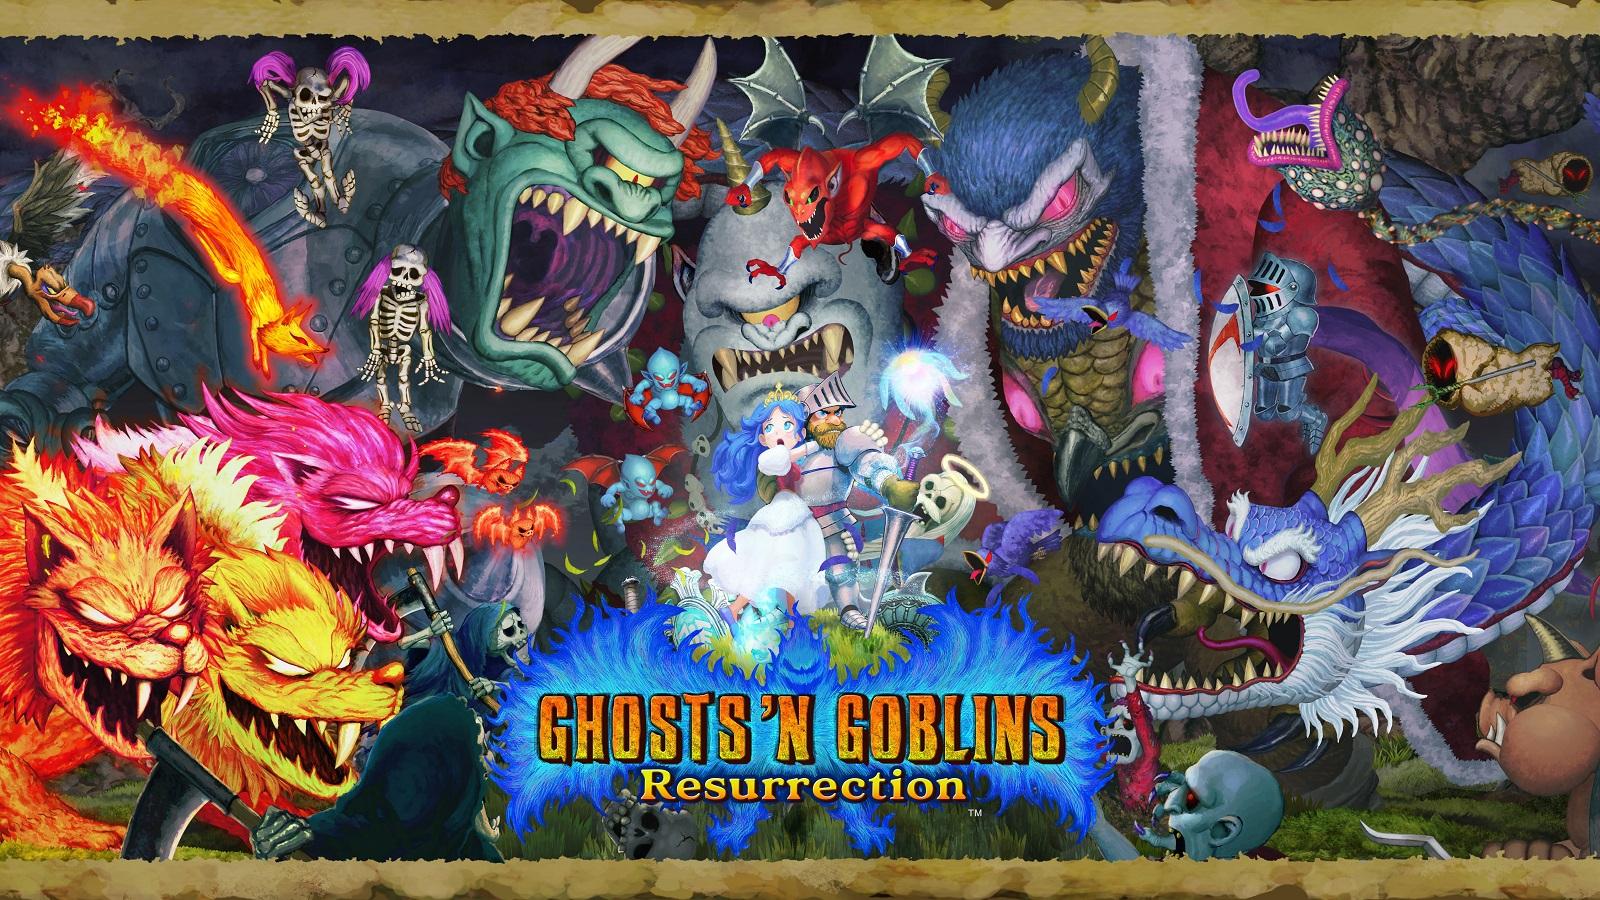 Видео: Capcom показала 10 минут игрового процесса перезапуска Ghosts 'n Goblins